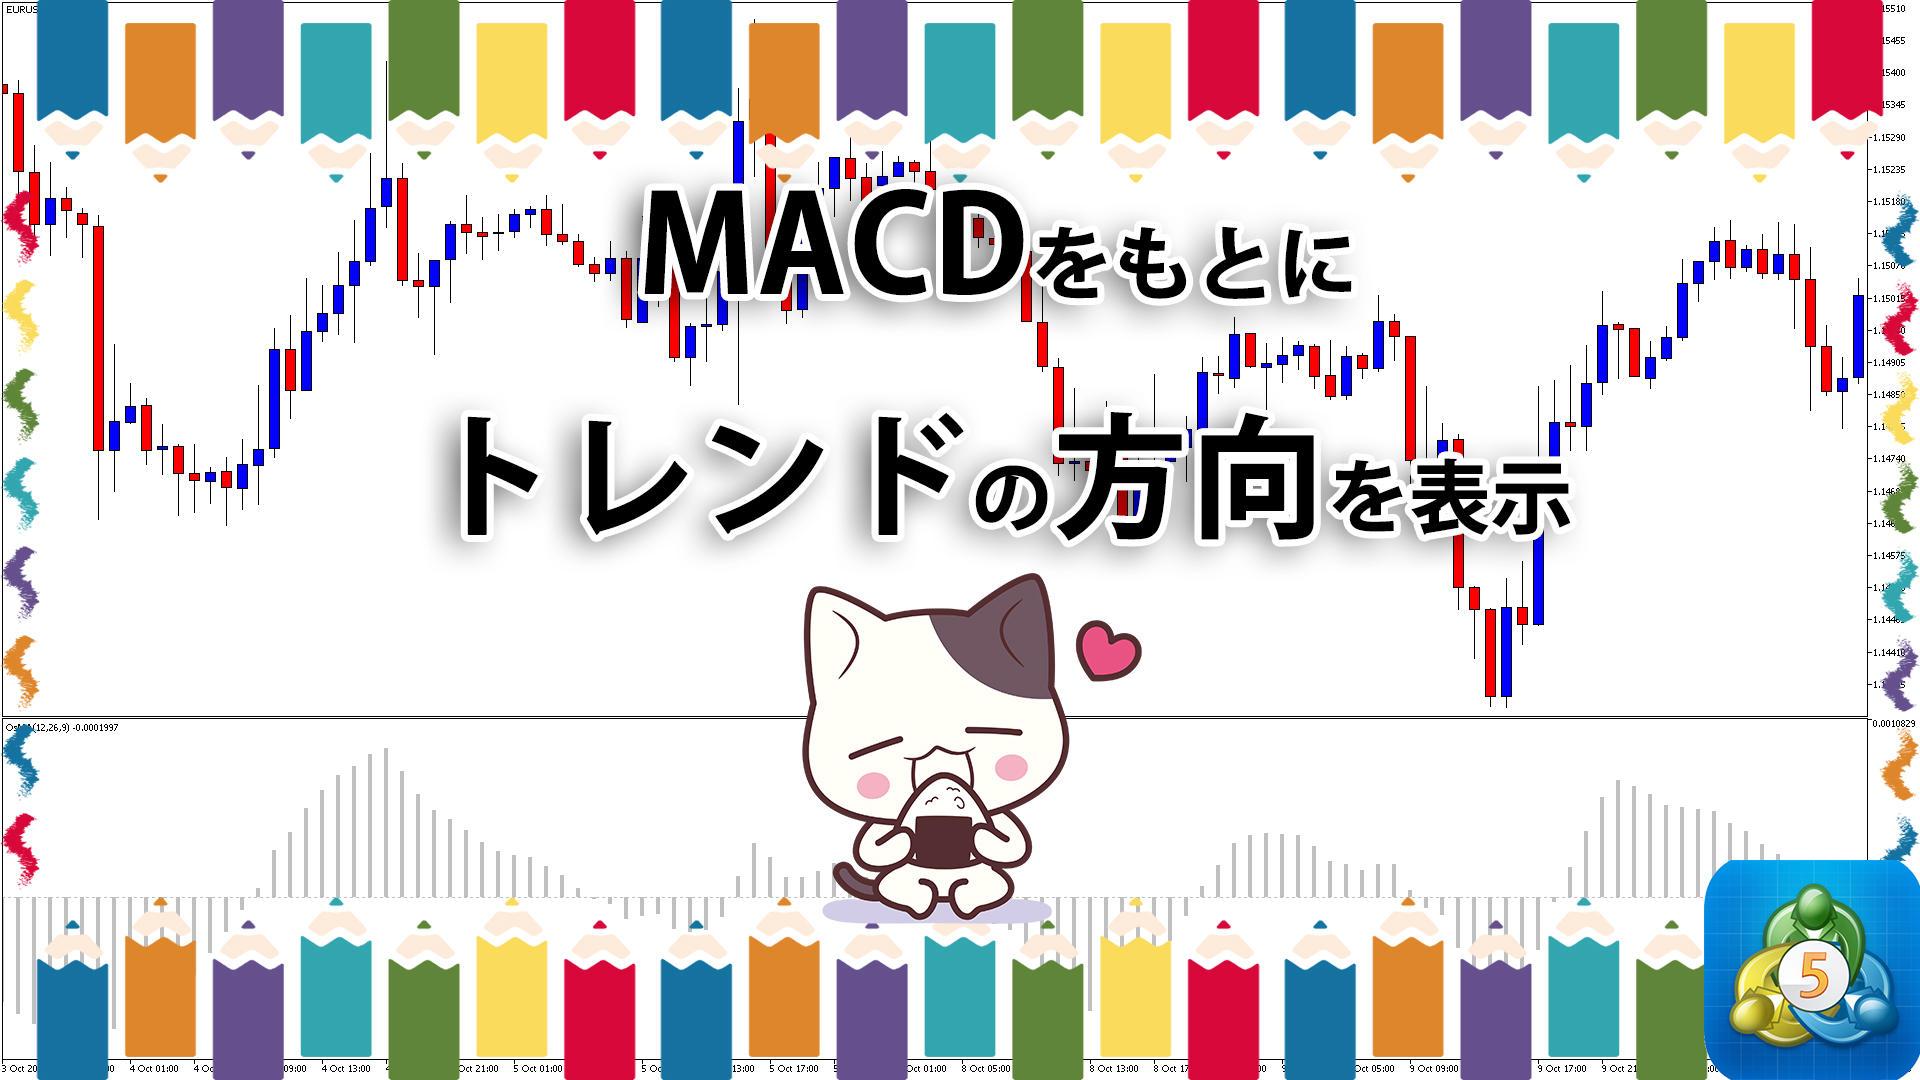 MACDとMACDシグナルの差をもとにトレンドの方向を表示するMT5インジケーター「osma」